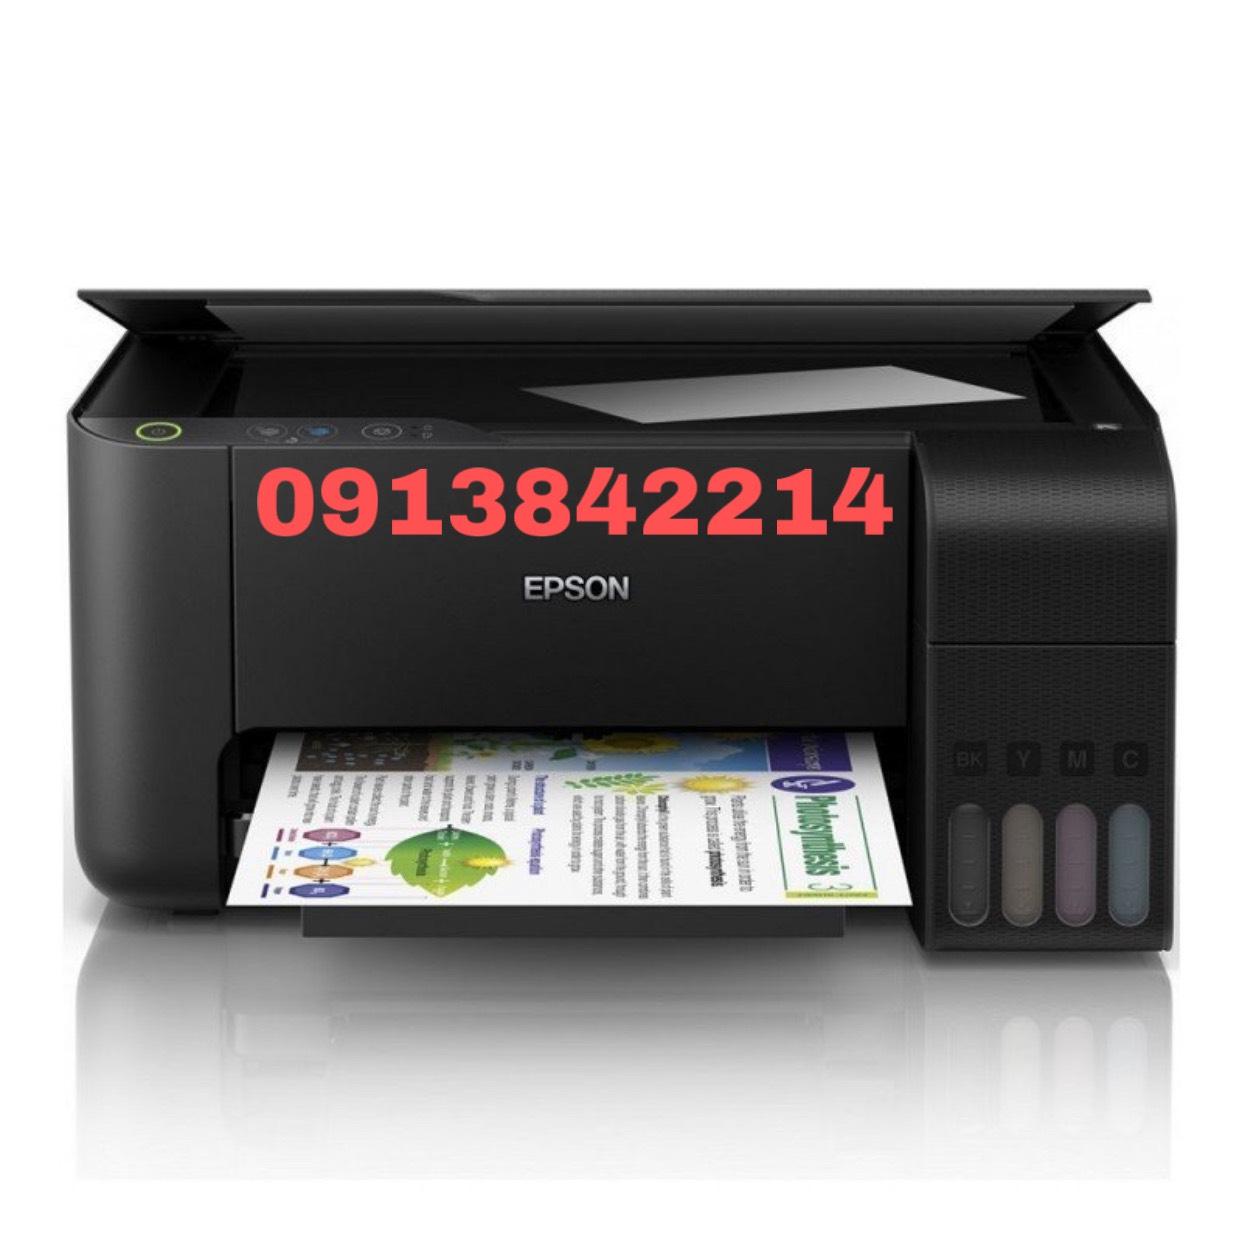 Máy in màu Epson L3110 đi kèm 4 bình mực dầu pigment UV không phai